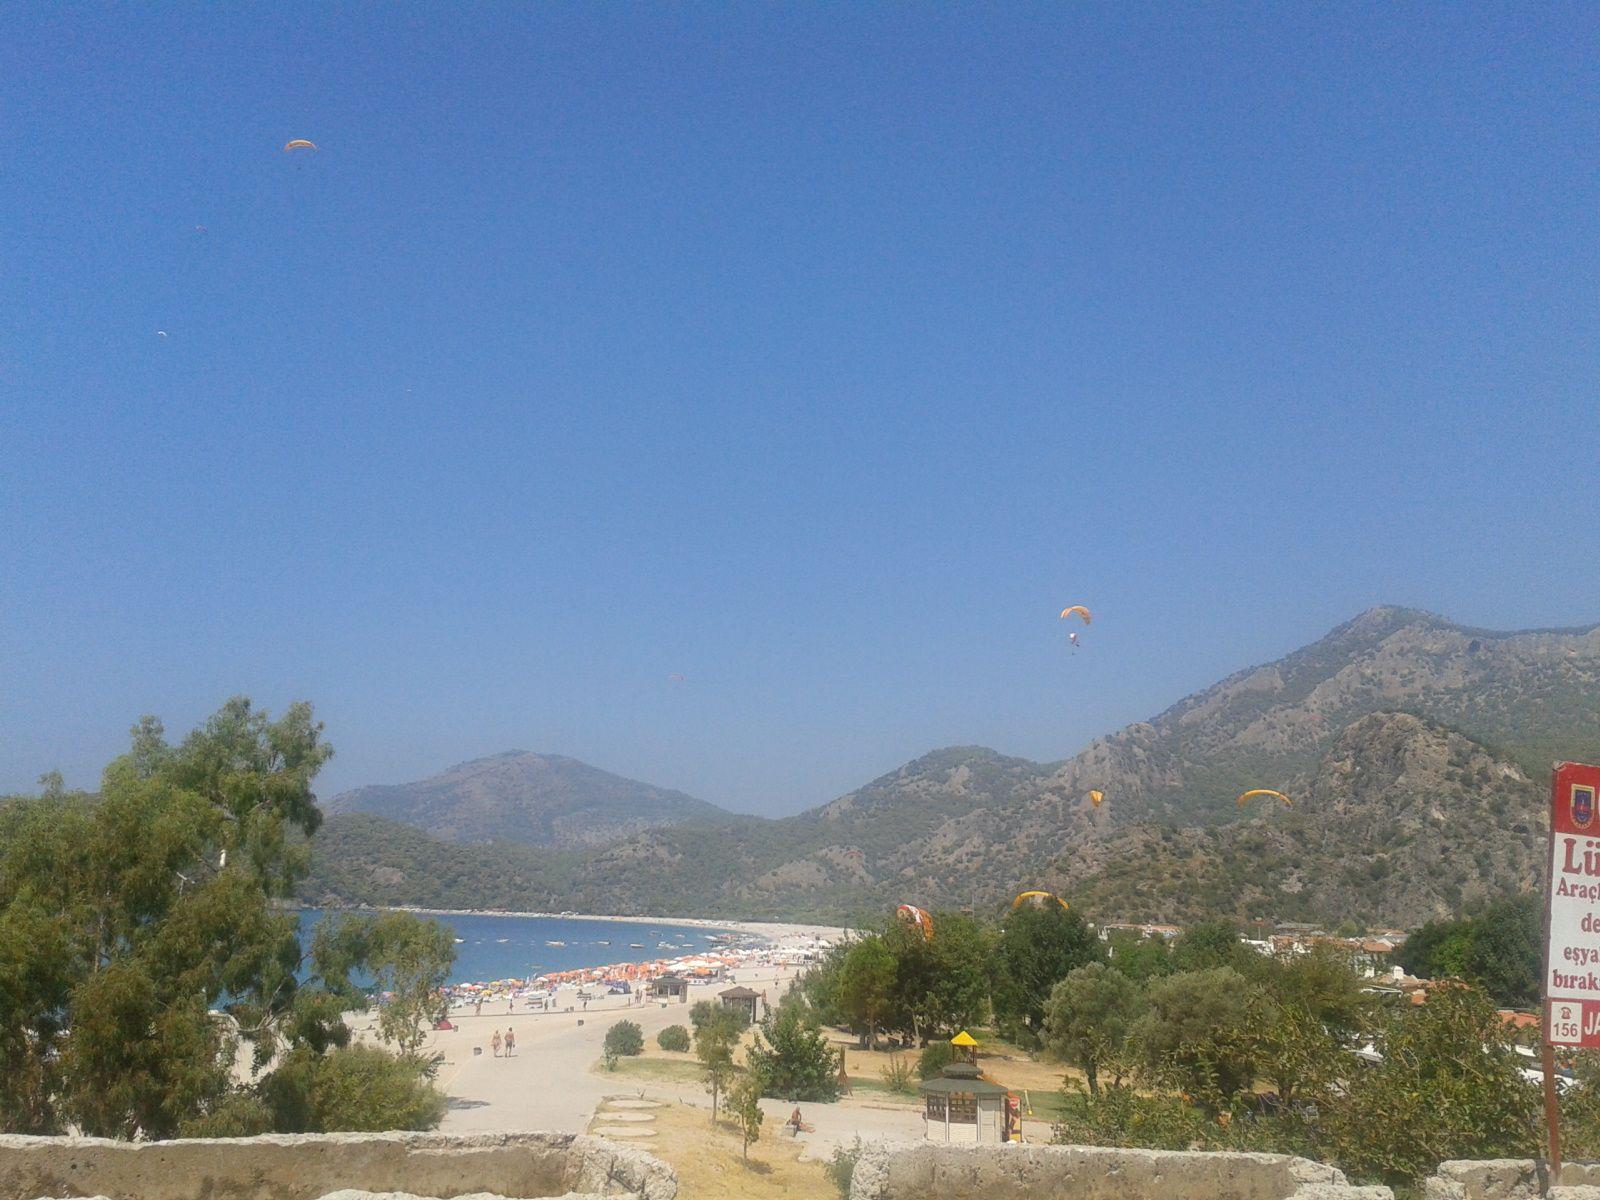 Ölüdeniz Plajı, Babadağ dan atlayan paraşütçüler plaja inerkene